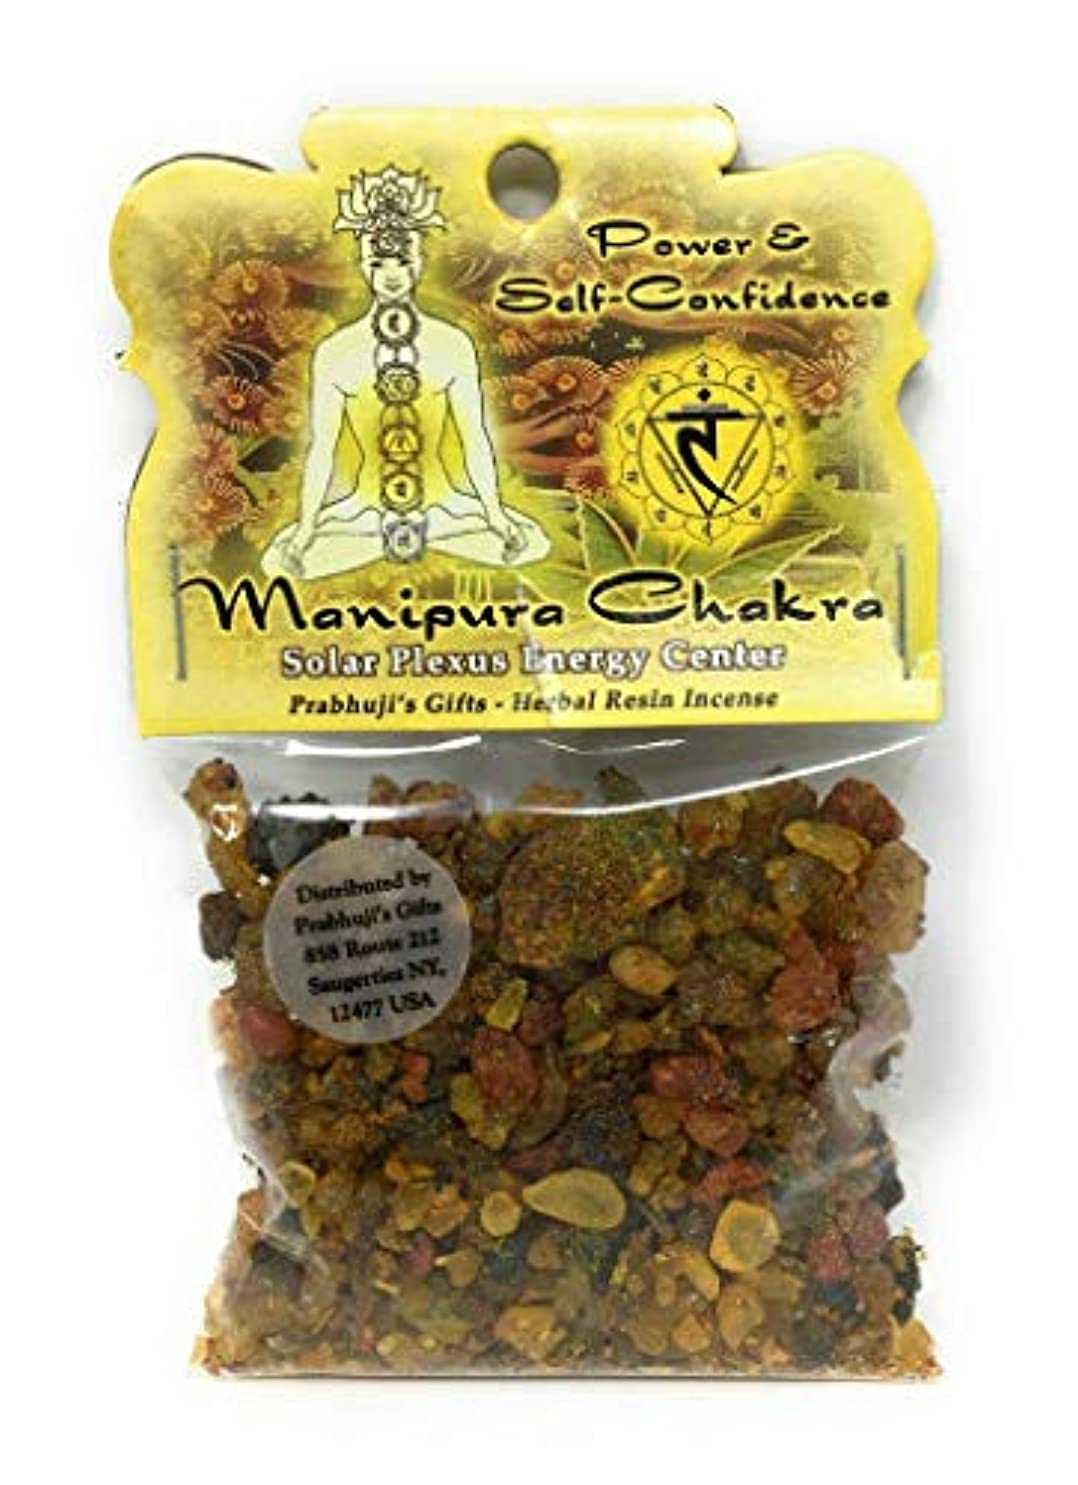 カポック球体ブレイズ樹脂Incense Solar Plexus Chakra Manipura – self-confidenceと変換 – 1.2ozバッグ